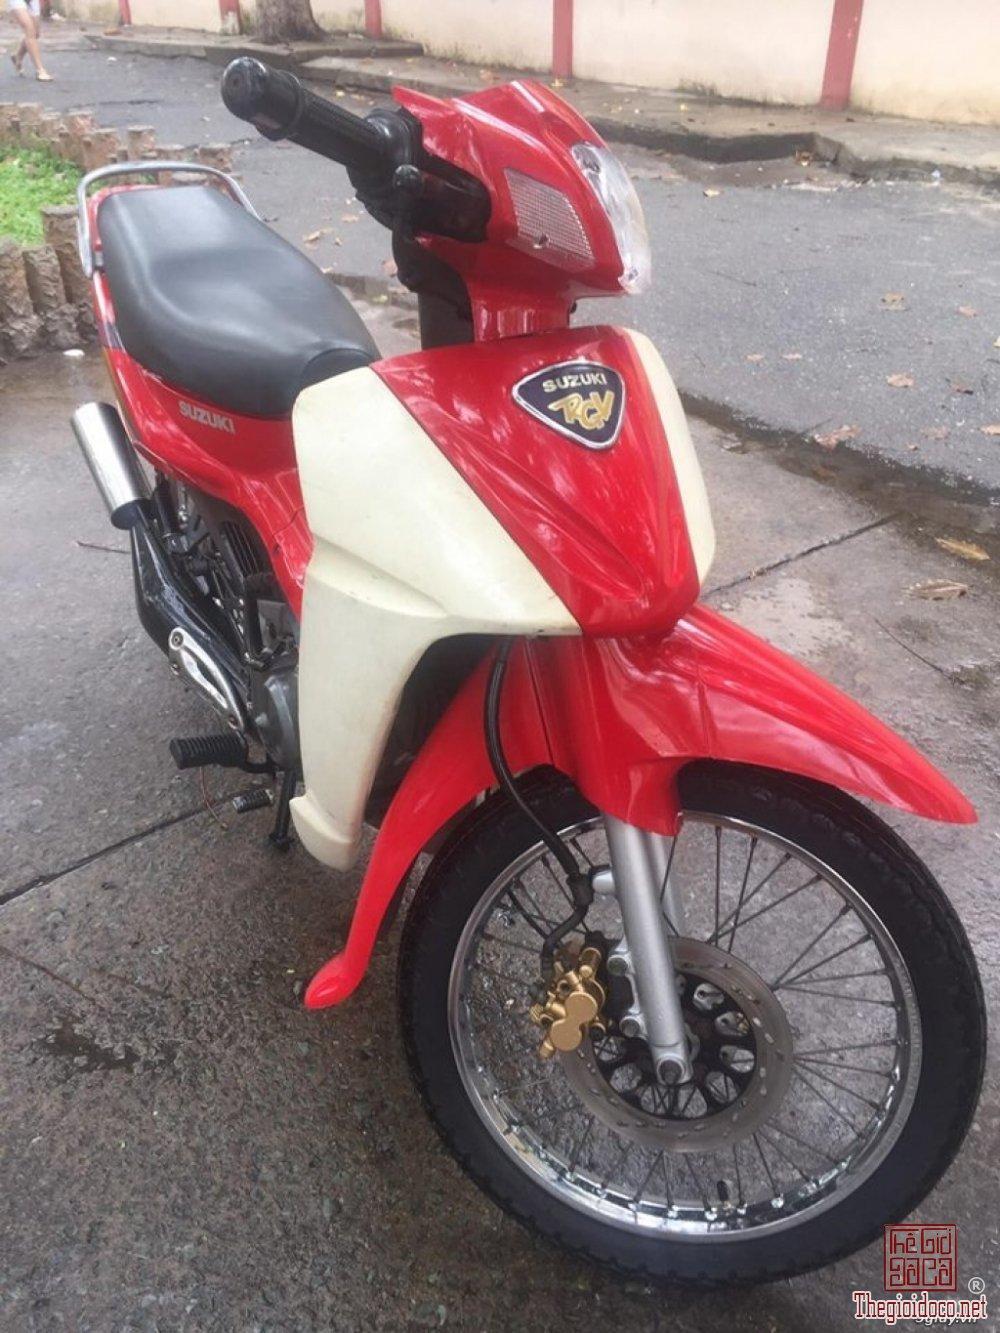 Suzuki sport 2000 (18).jpg